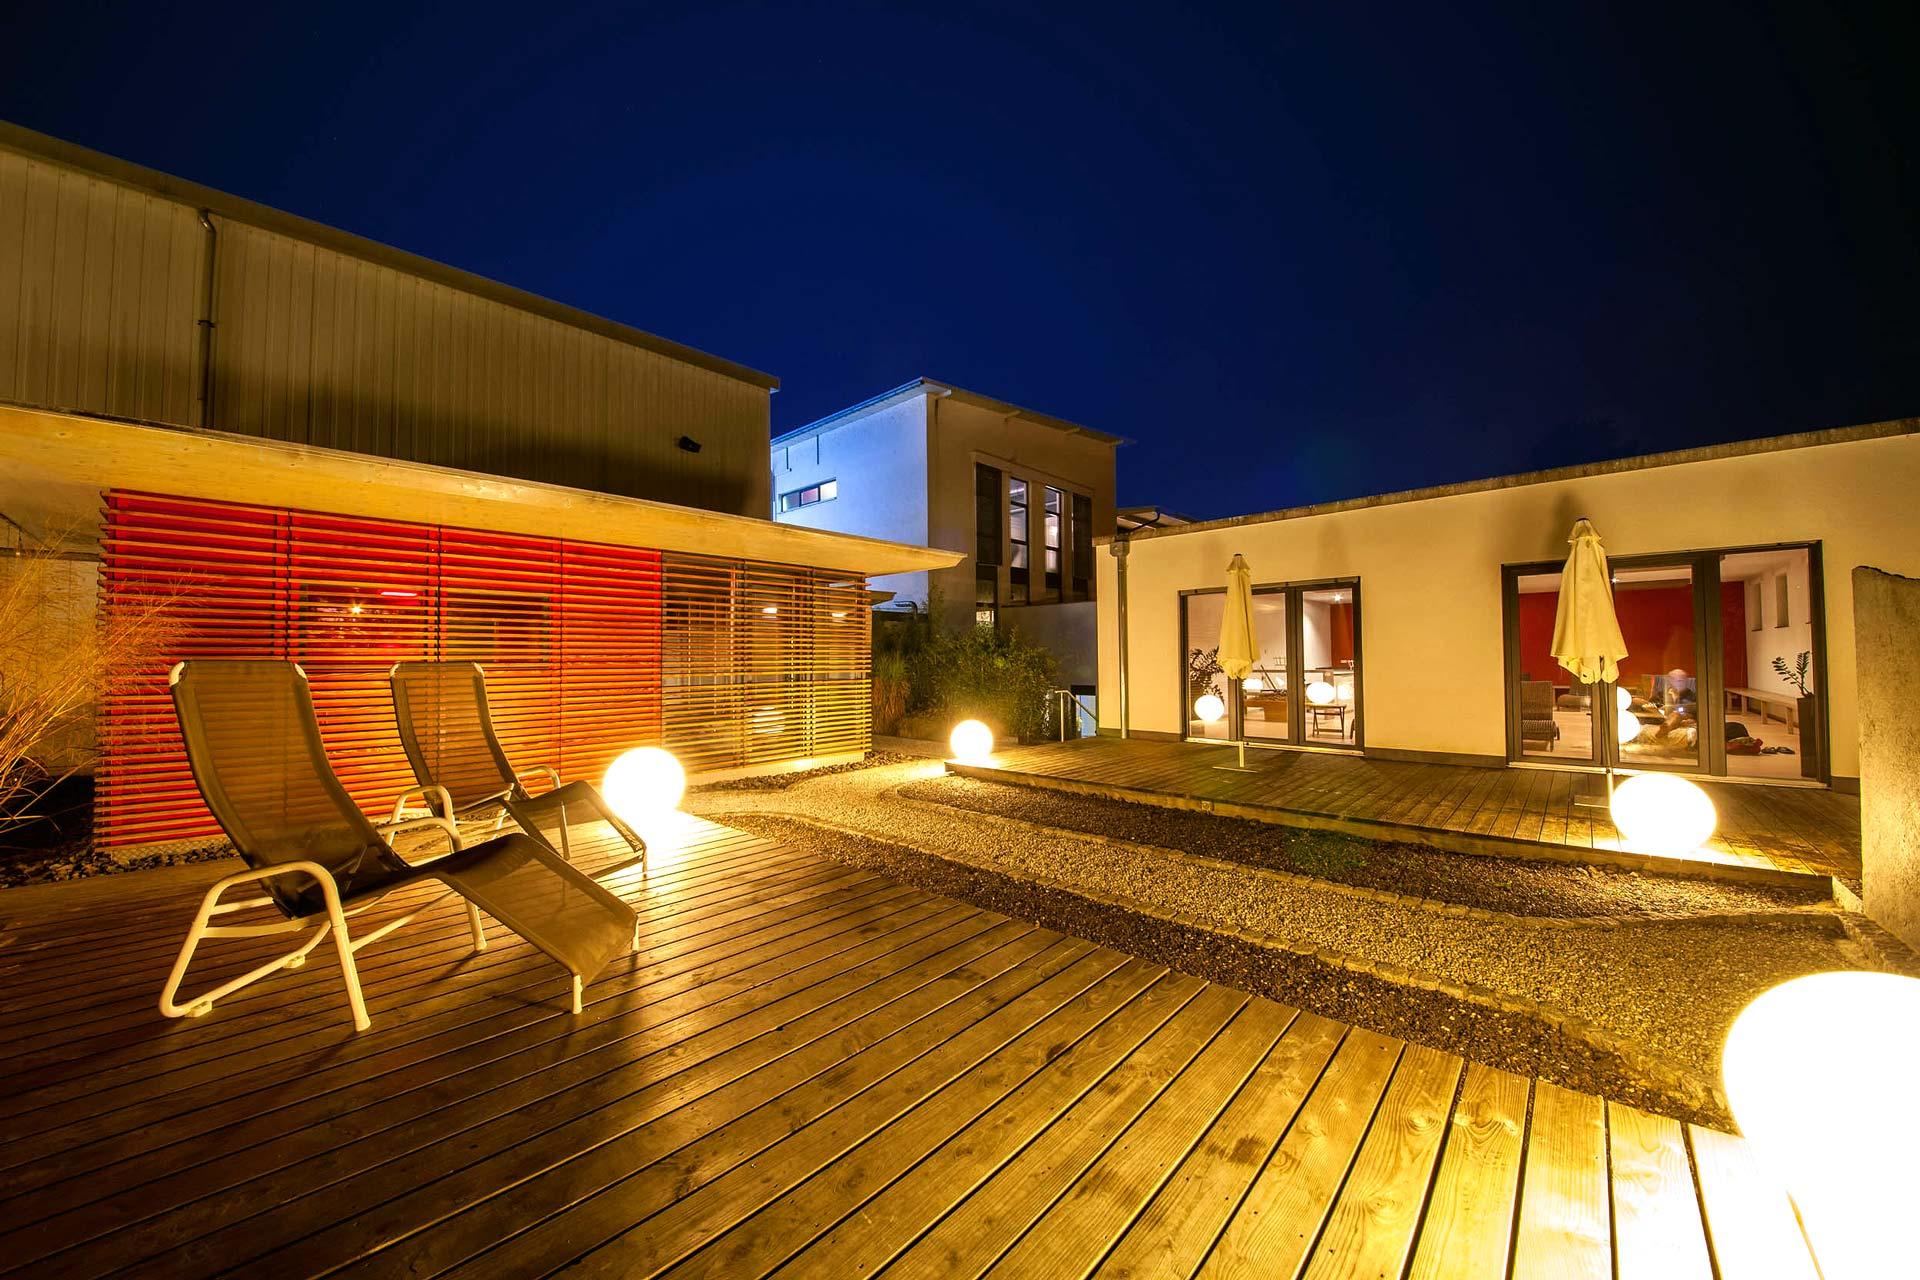 sauna-aussen-nacht-sportpark-freiburg-1920x1280px